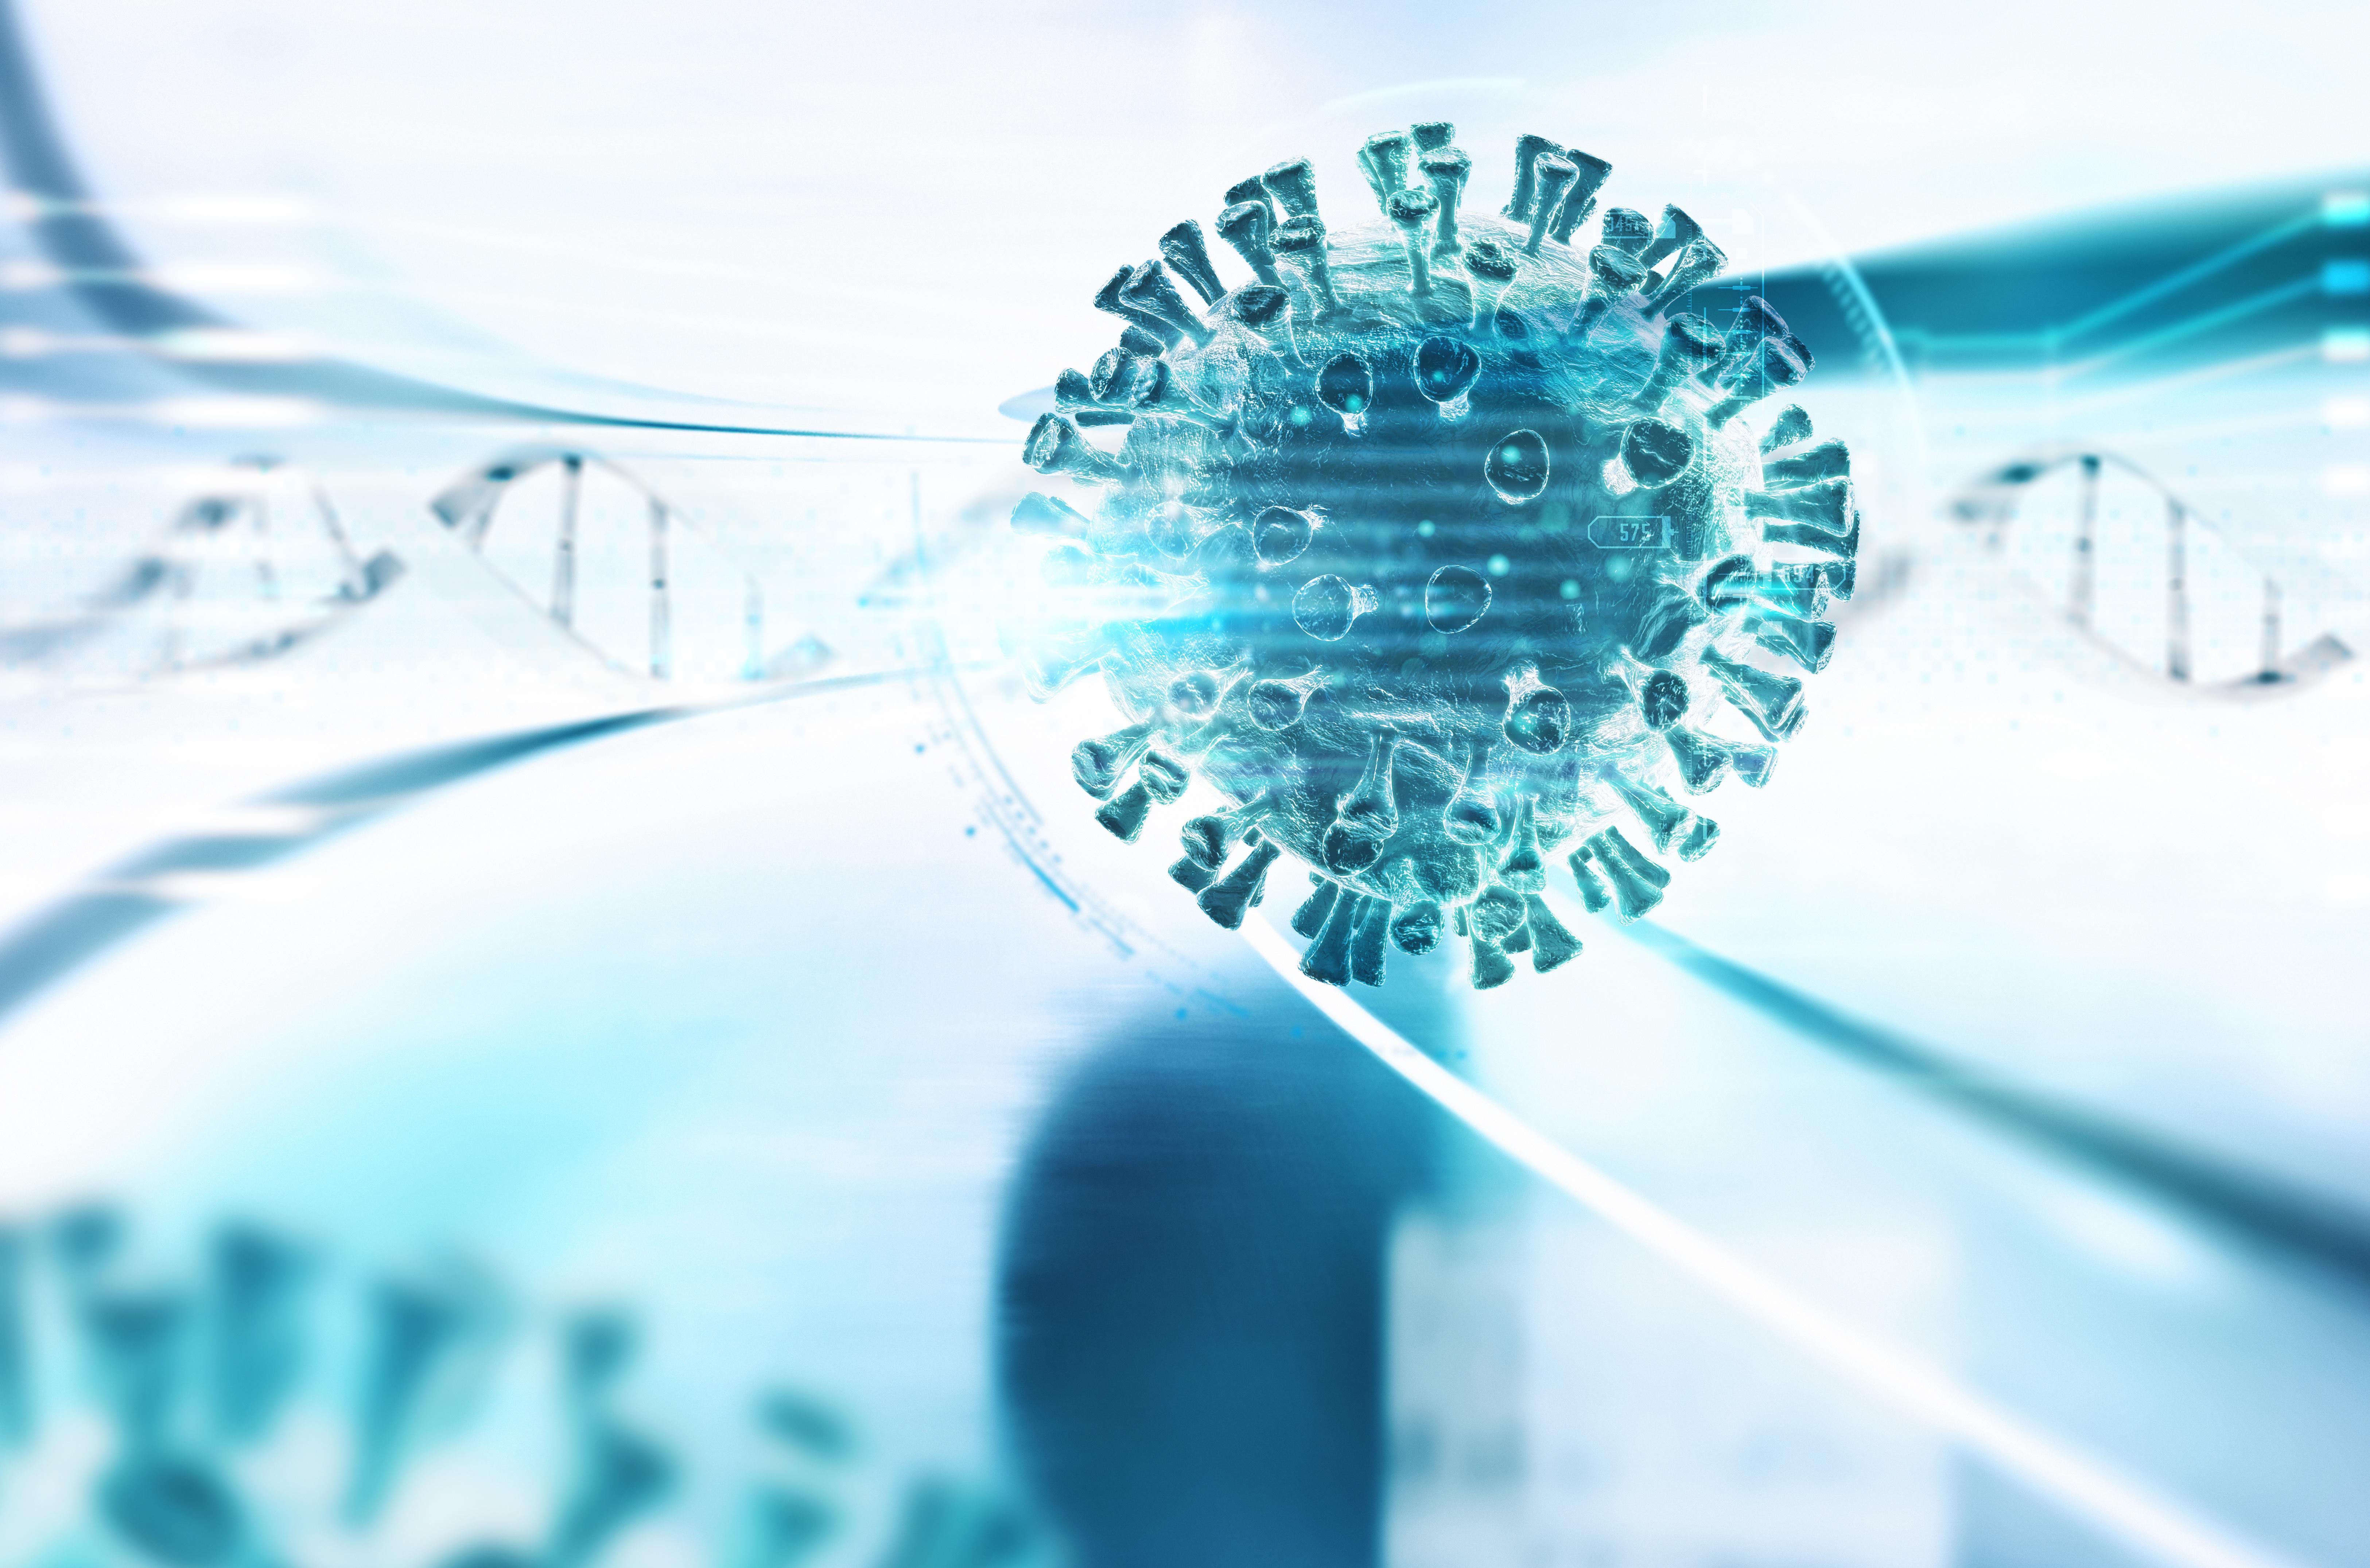 Une nouvelle protéine qui contribue à rendre le SRAS-CoV-2 extrêmement infectieux et capable de se propager très rapidement dans les cellules humaines vient d'être découverte (Visuel Adobe Stock 330943474)